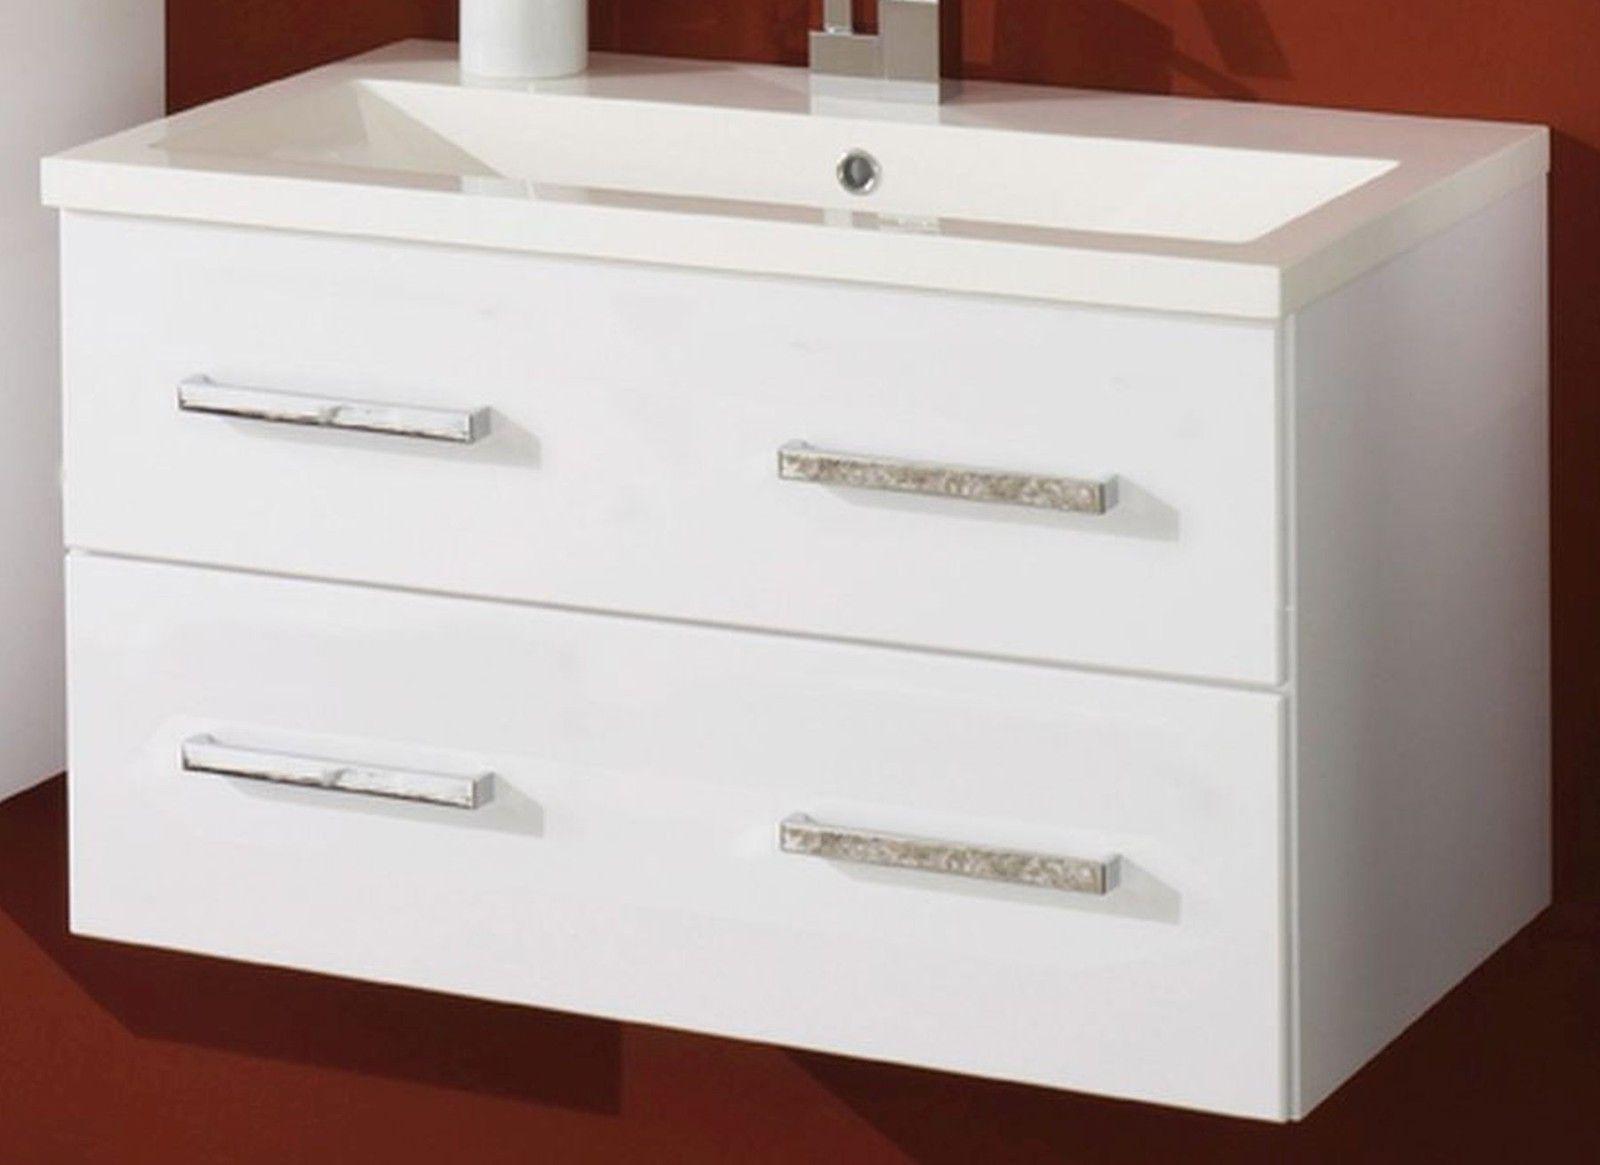 4 tlg badezimmer set waschplatz led spiegelschrank badschrank